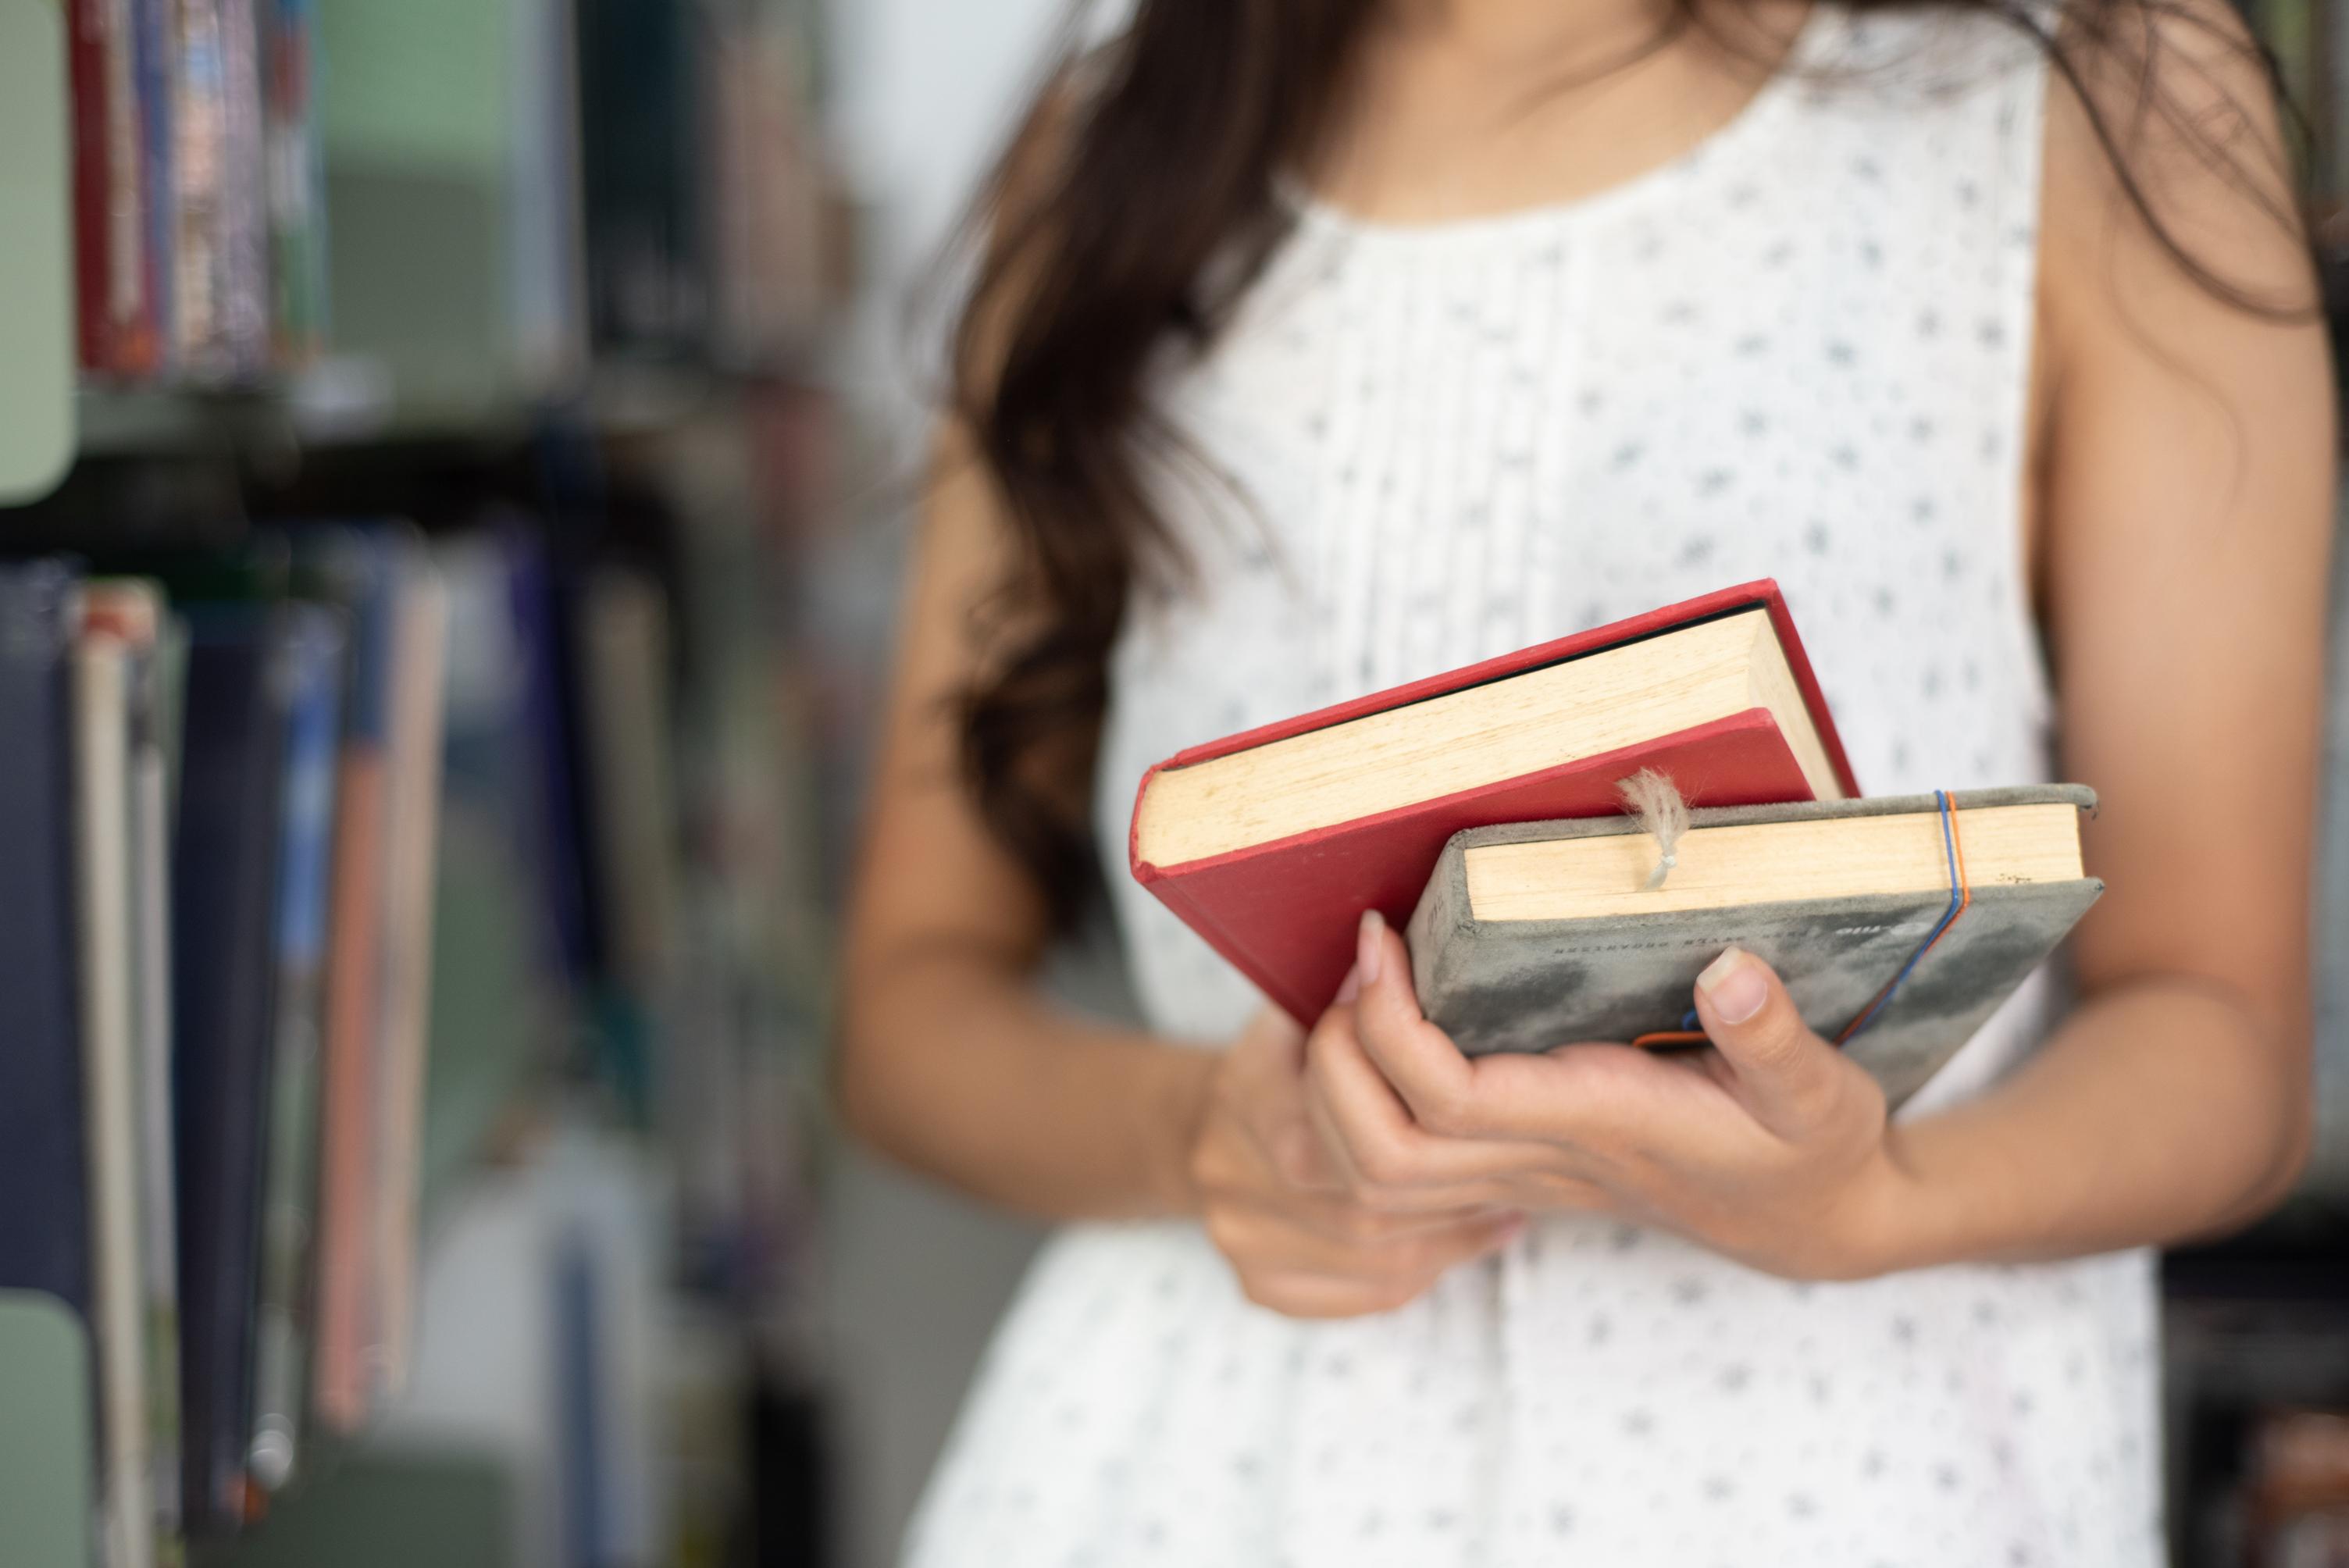 เขียนเล่น ๆ ให้เป็นเงิน ข้อแนะนำการเขียนบทความสำหรับมือใหม่